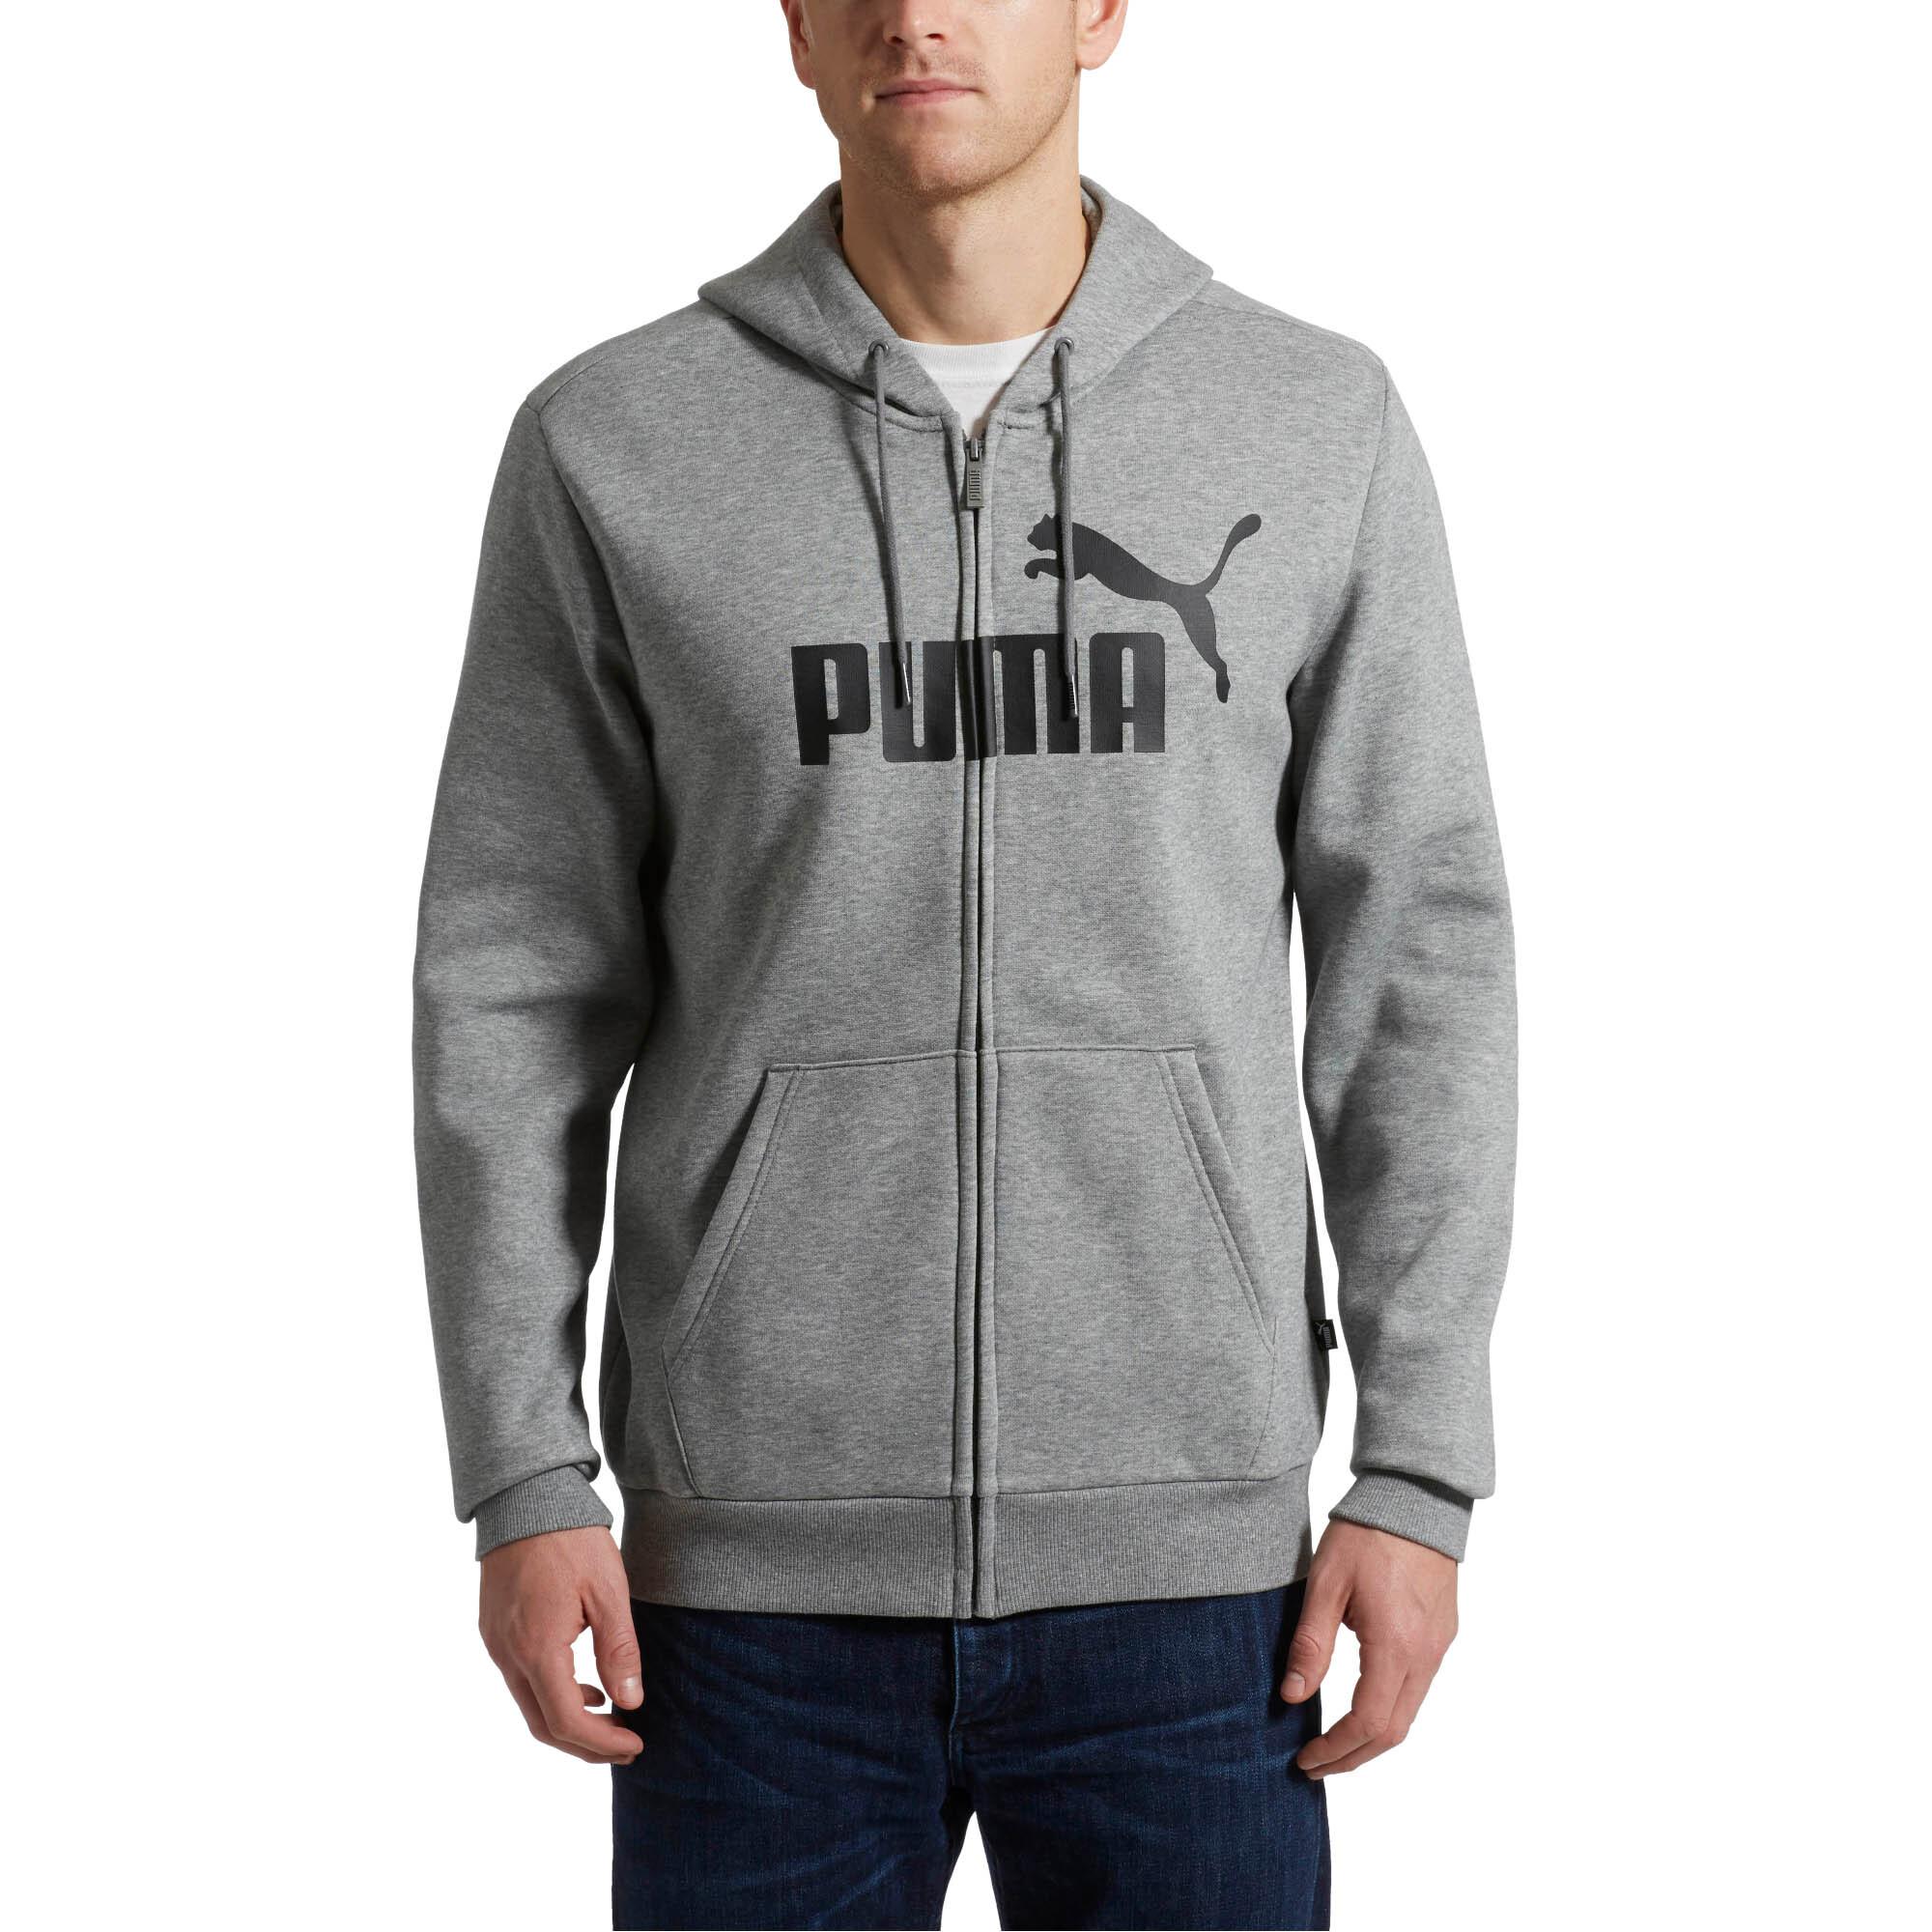 Image Puma Essentials Fleece Hooded Full Zip Men's Sweat Jacket #1